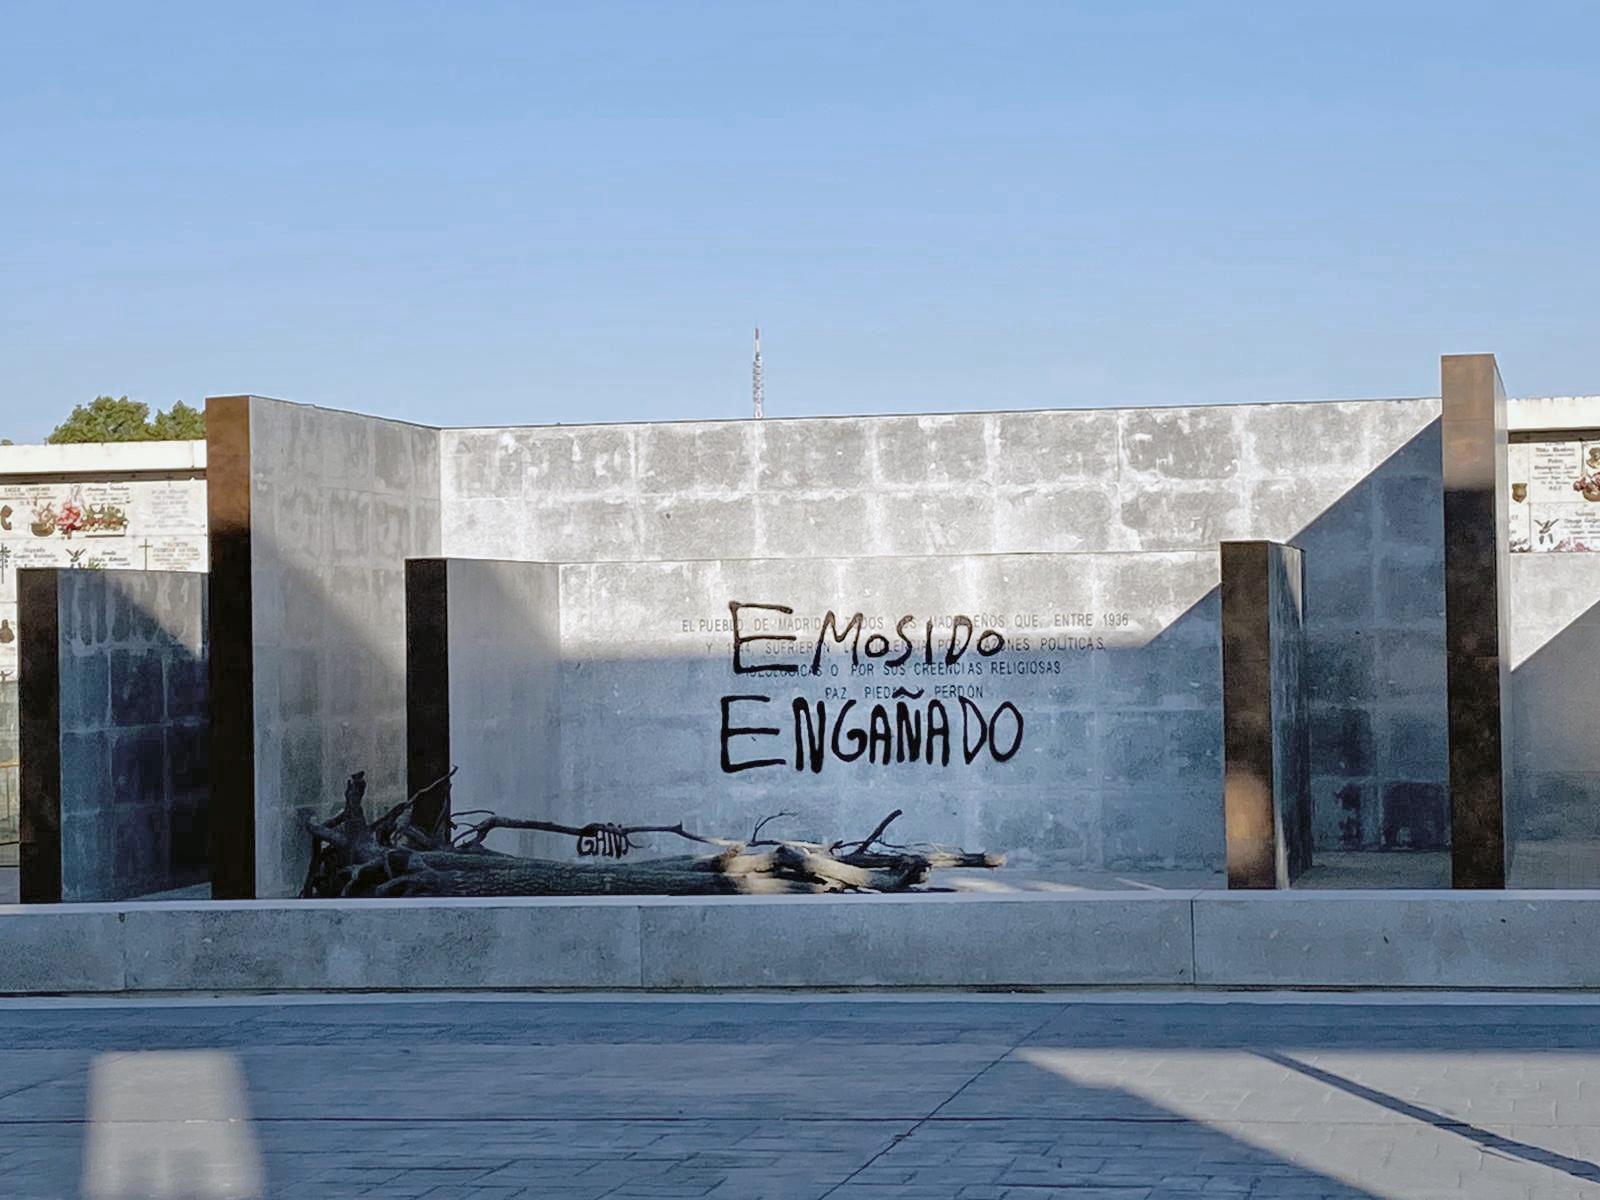 EMOSIDO ENGAÑADO: Vandalizan el nuevo memorial de La Almudena a las victimas entre 1936 hasta 1944